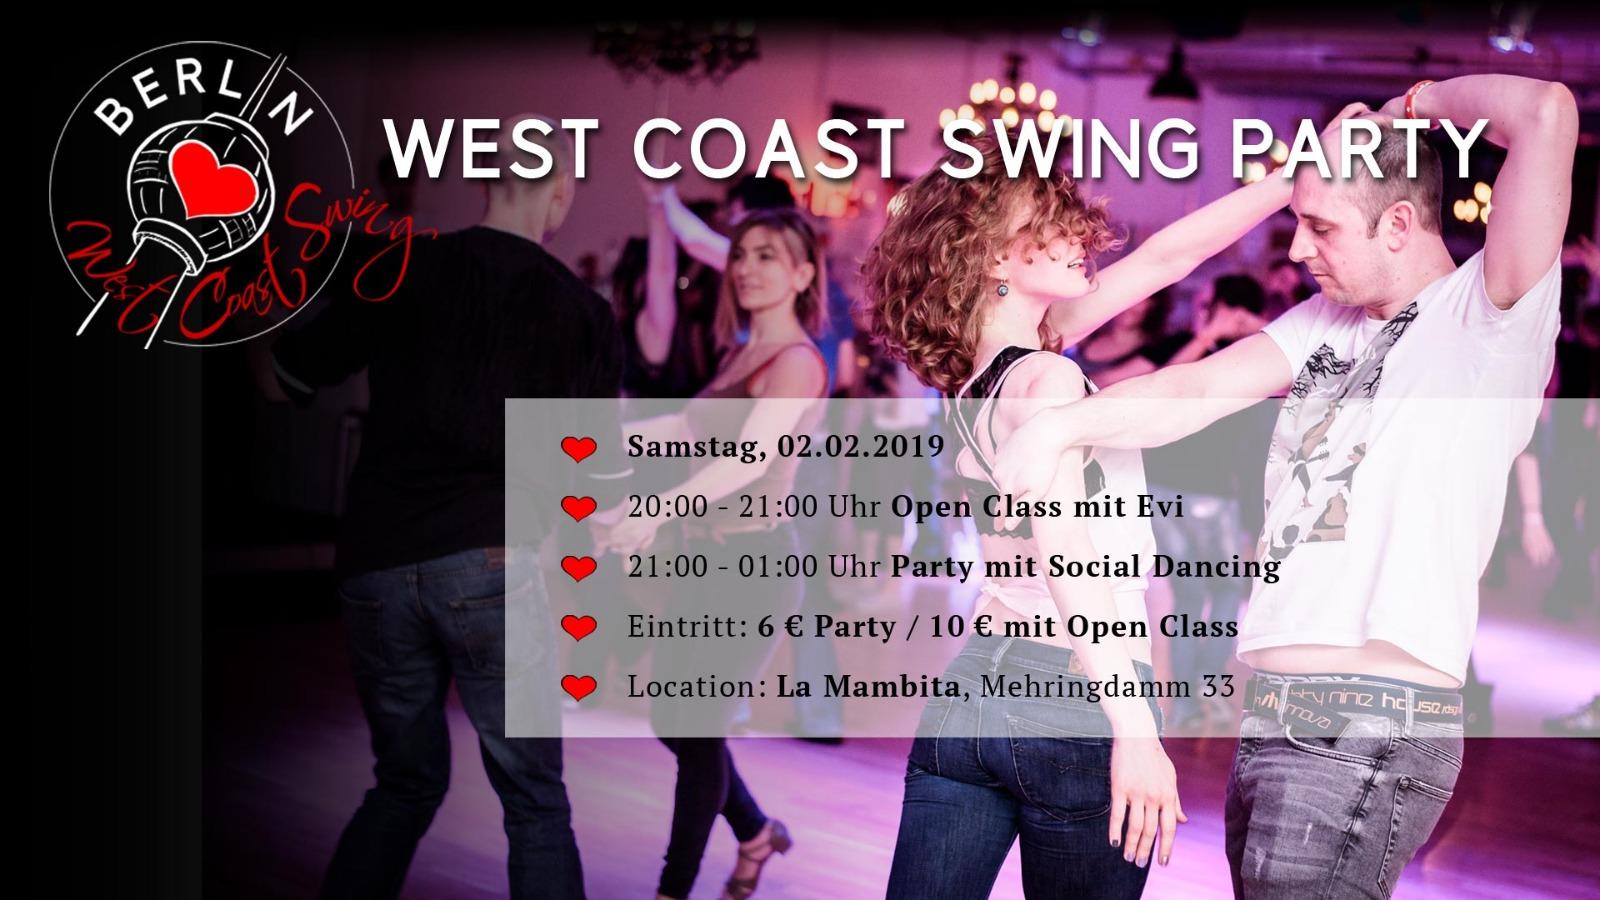 West Coast Swing Party Berlin Dezember 2018